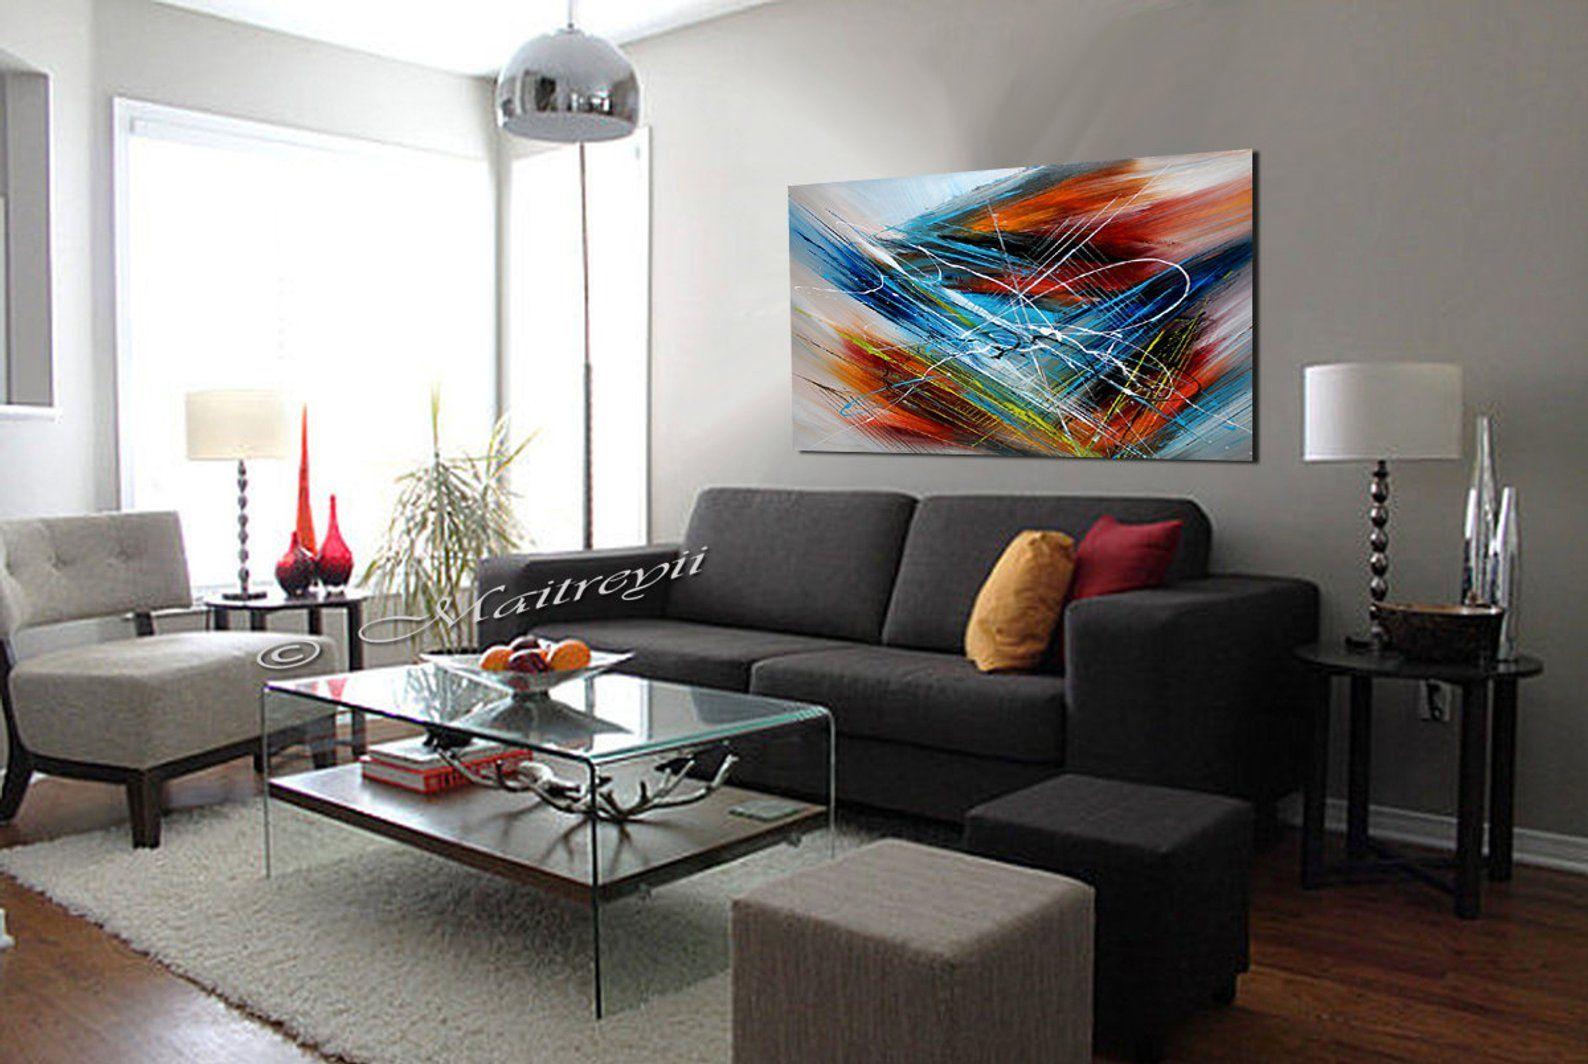 Oeuvre De Toile D Art Mur De Peinture à L Huile Abstraite